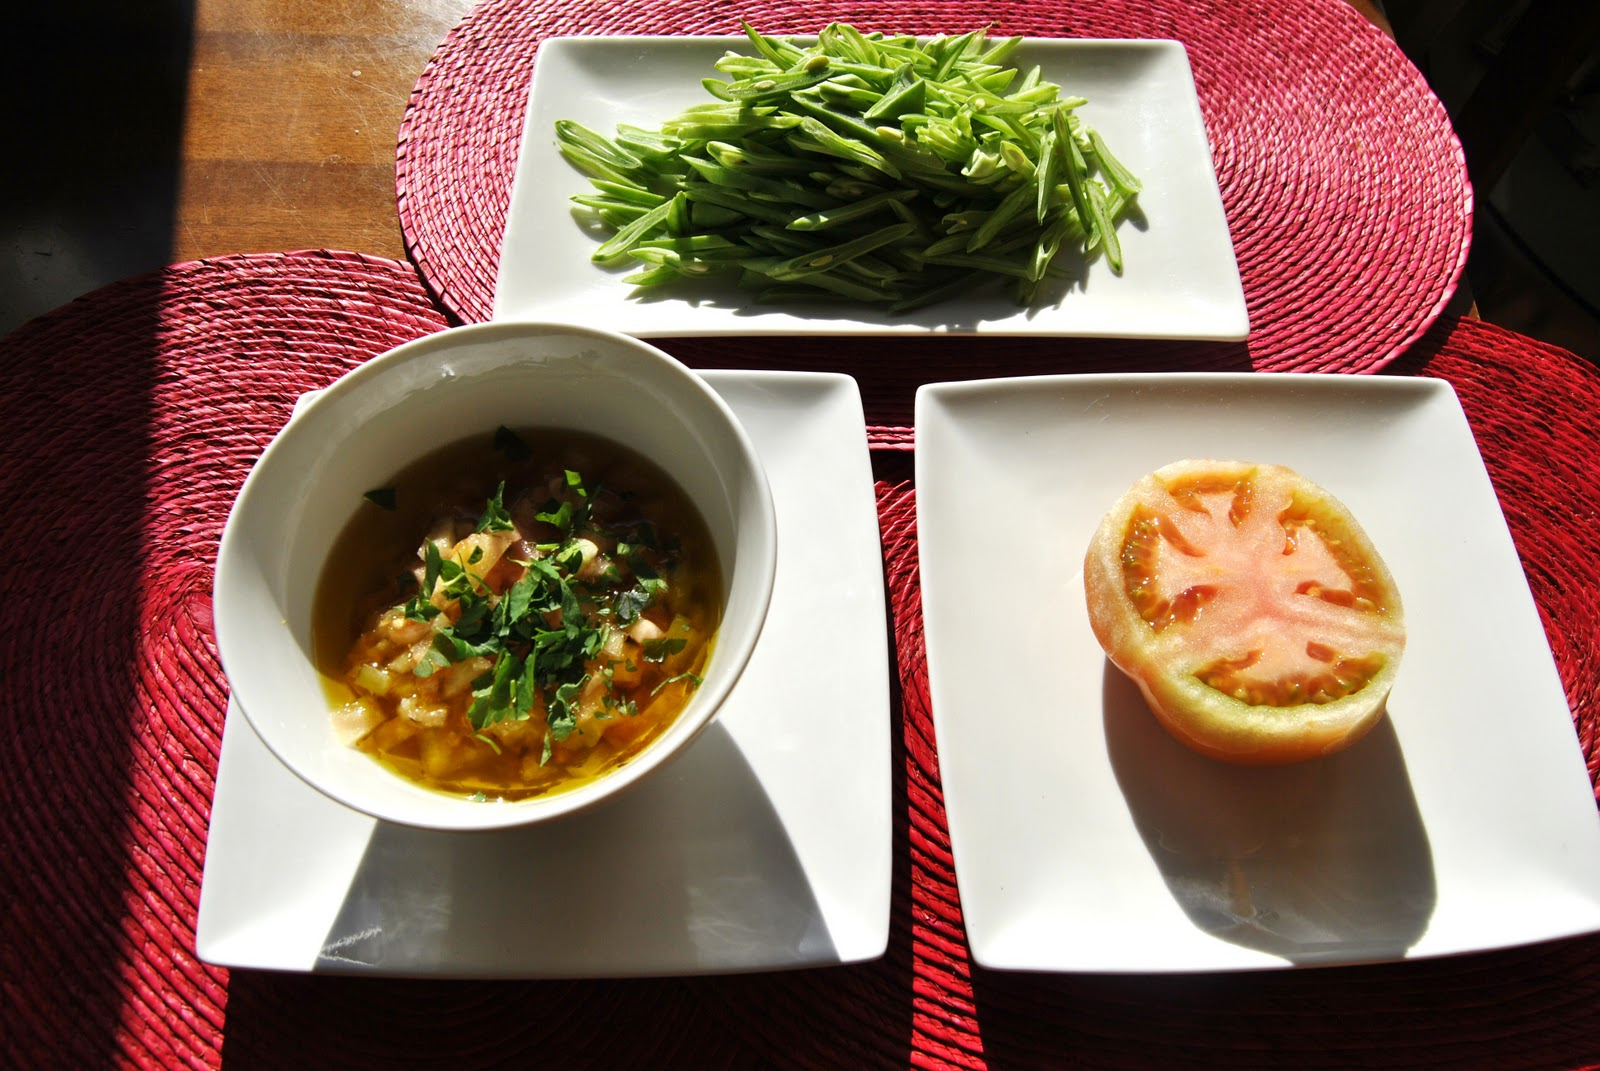 La cocina de rafa ensalada templada de judias verdes con for Cocina 5 ingredientes jamie